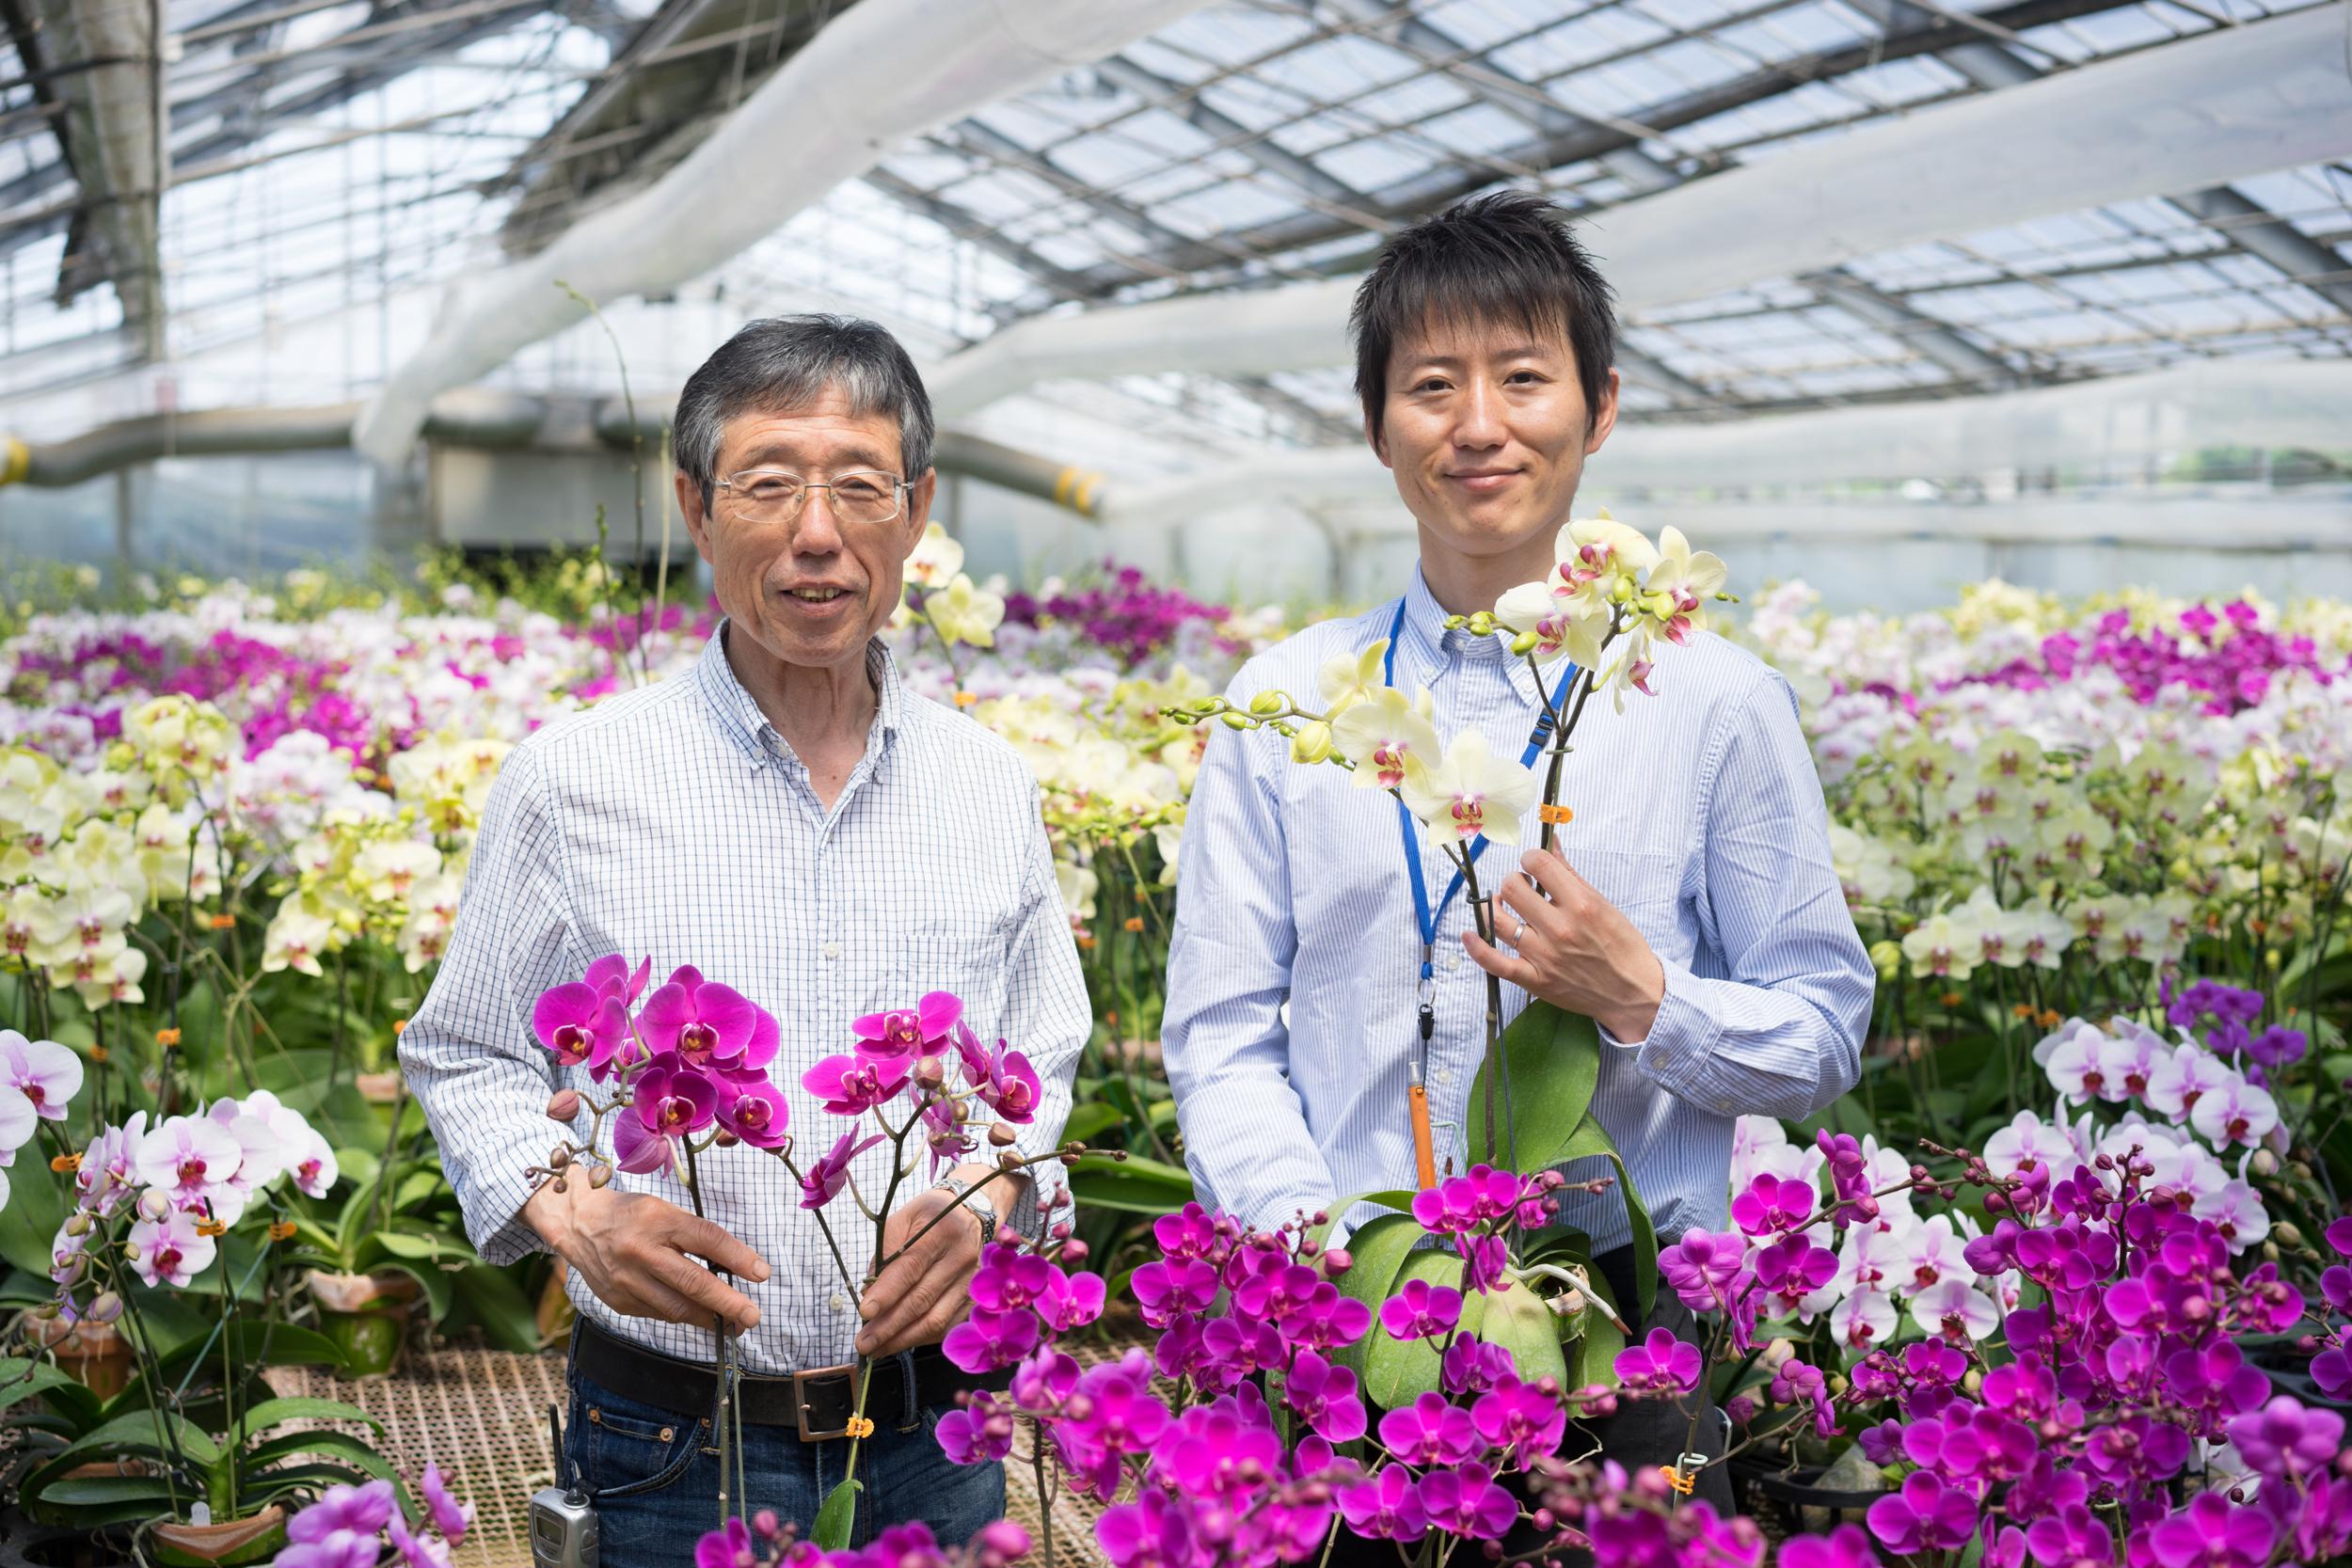 胡蝶蘭生産現場の風景